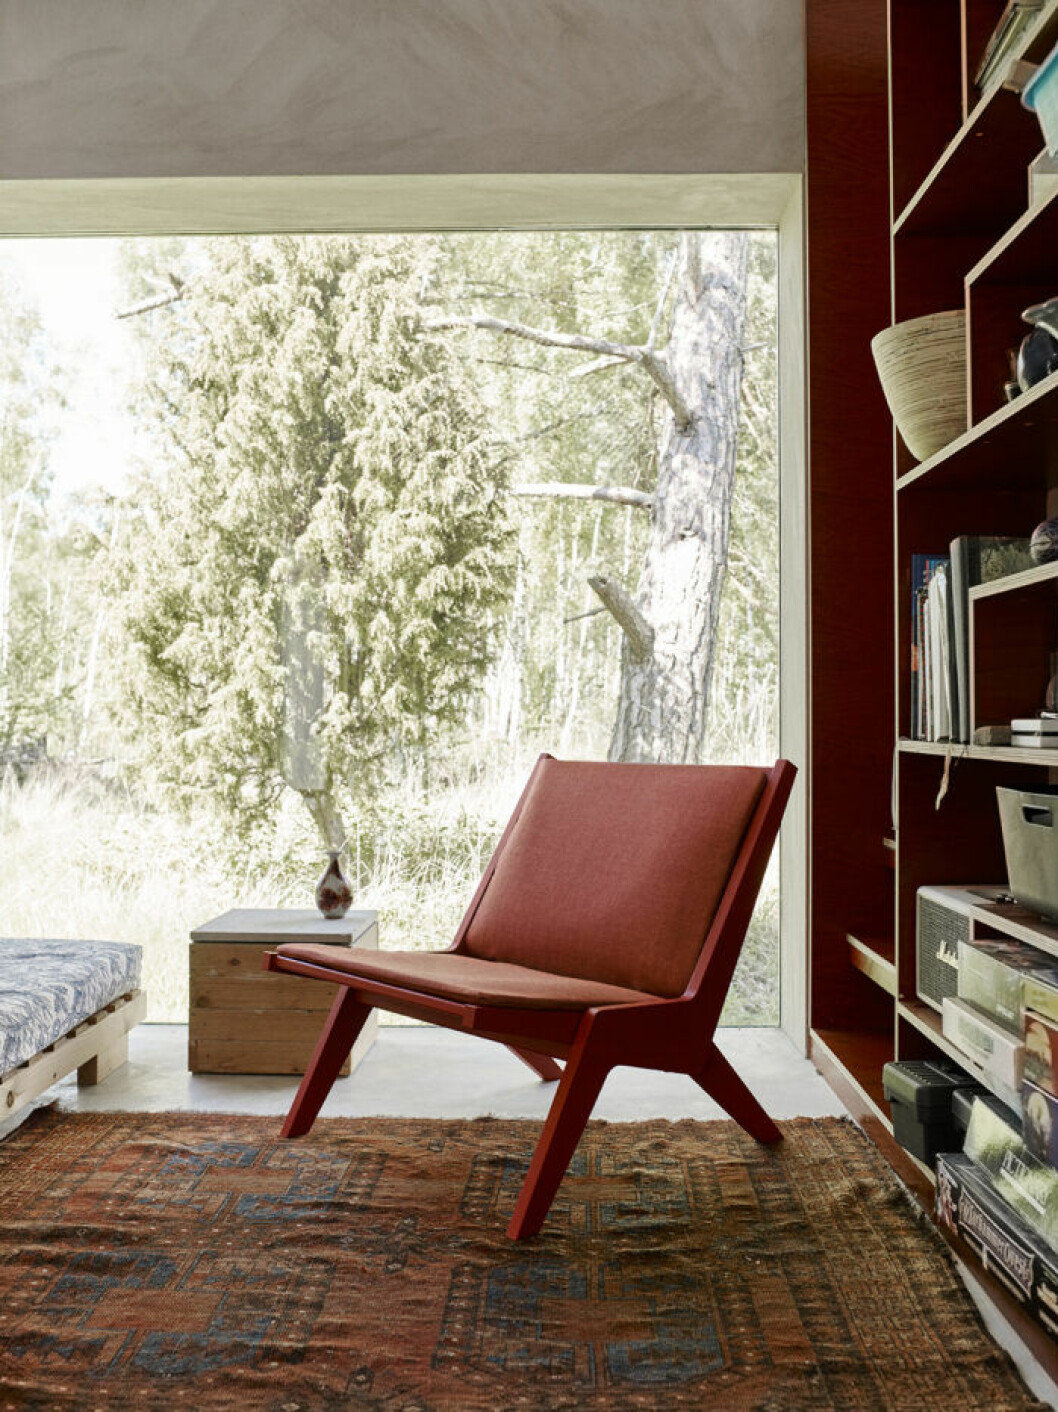 Ställ en bekväm stol i ett hörn och vips har du en läshörna.